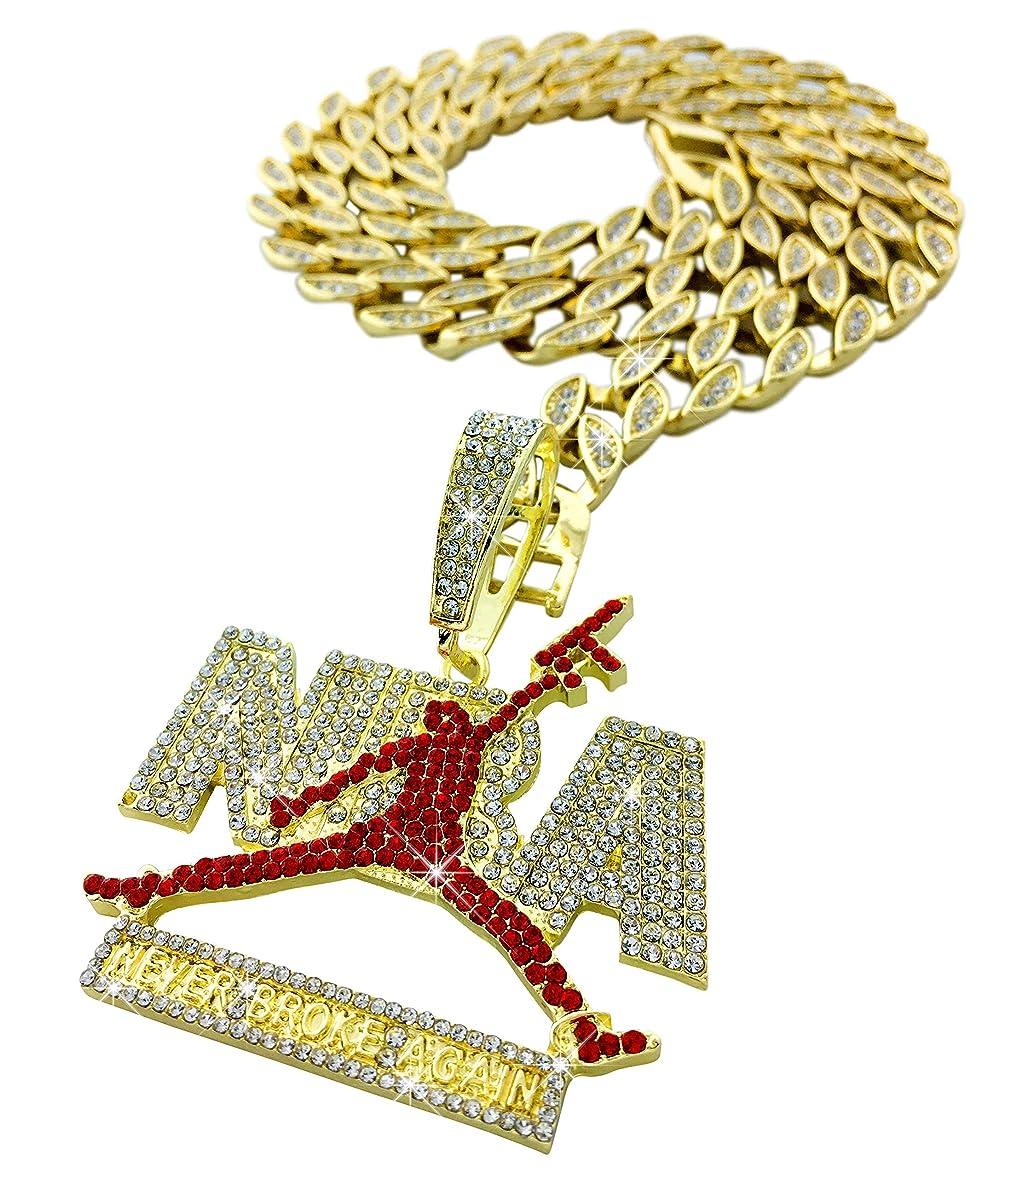 扱う模倣夫婦Exo Jewel アイスドアウト レッドダイヤモンド ヤングボーイ 二度と壊れない ゴールドペンダントネックレス 24インチのキュービックジルコニアキューバチェーン付き